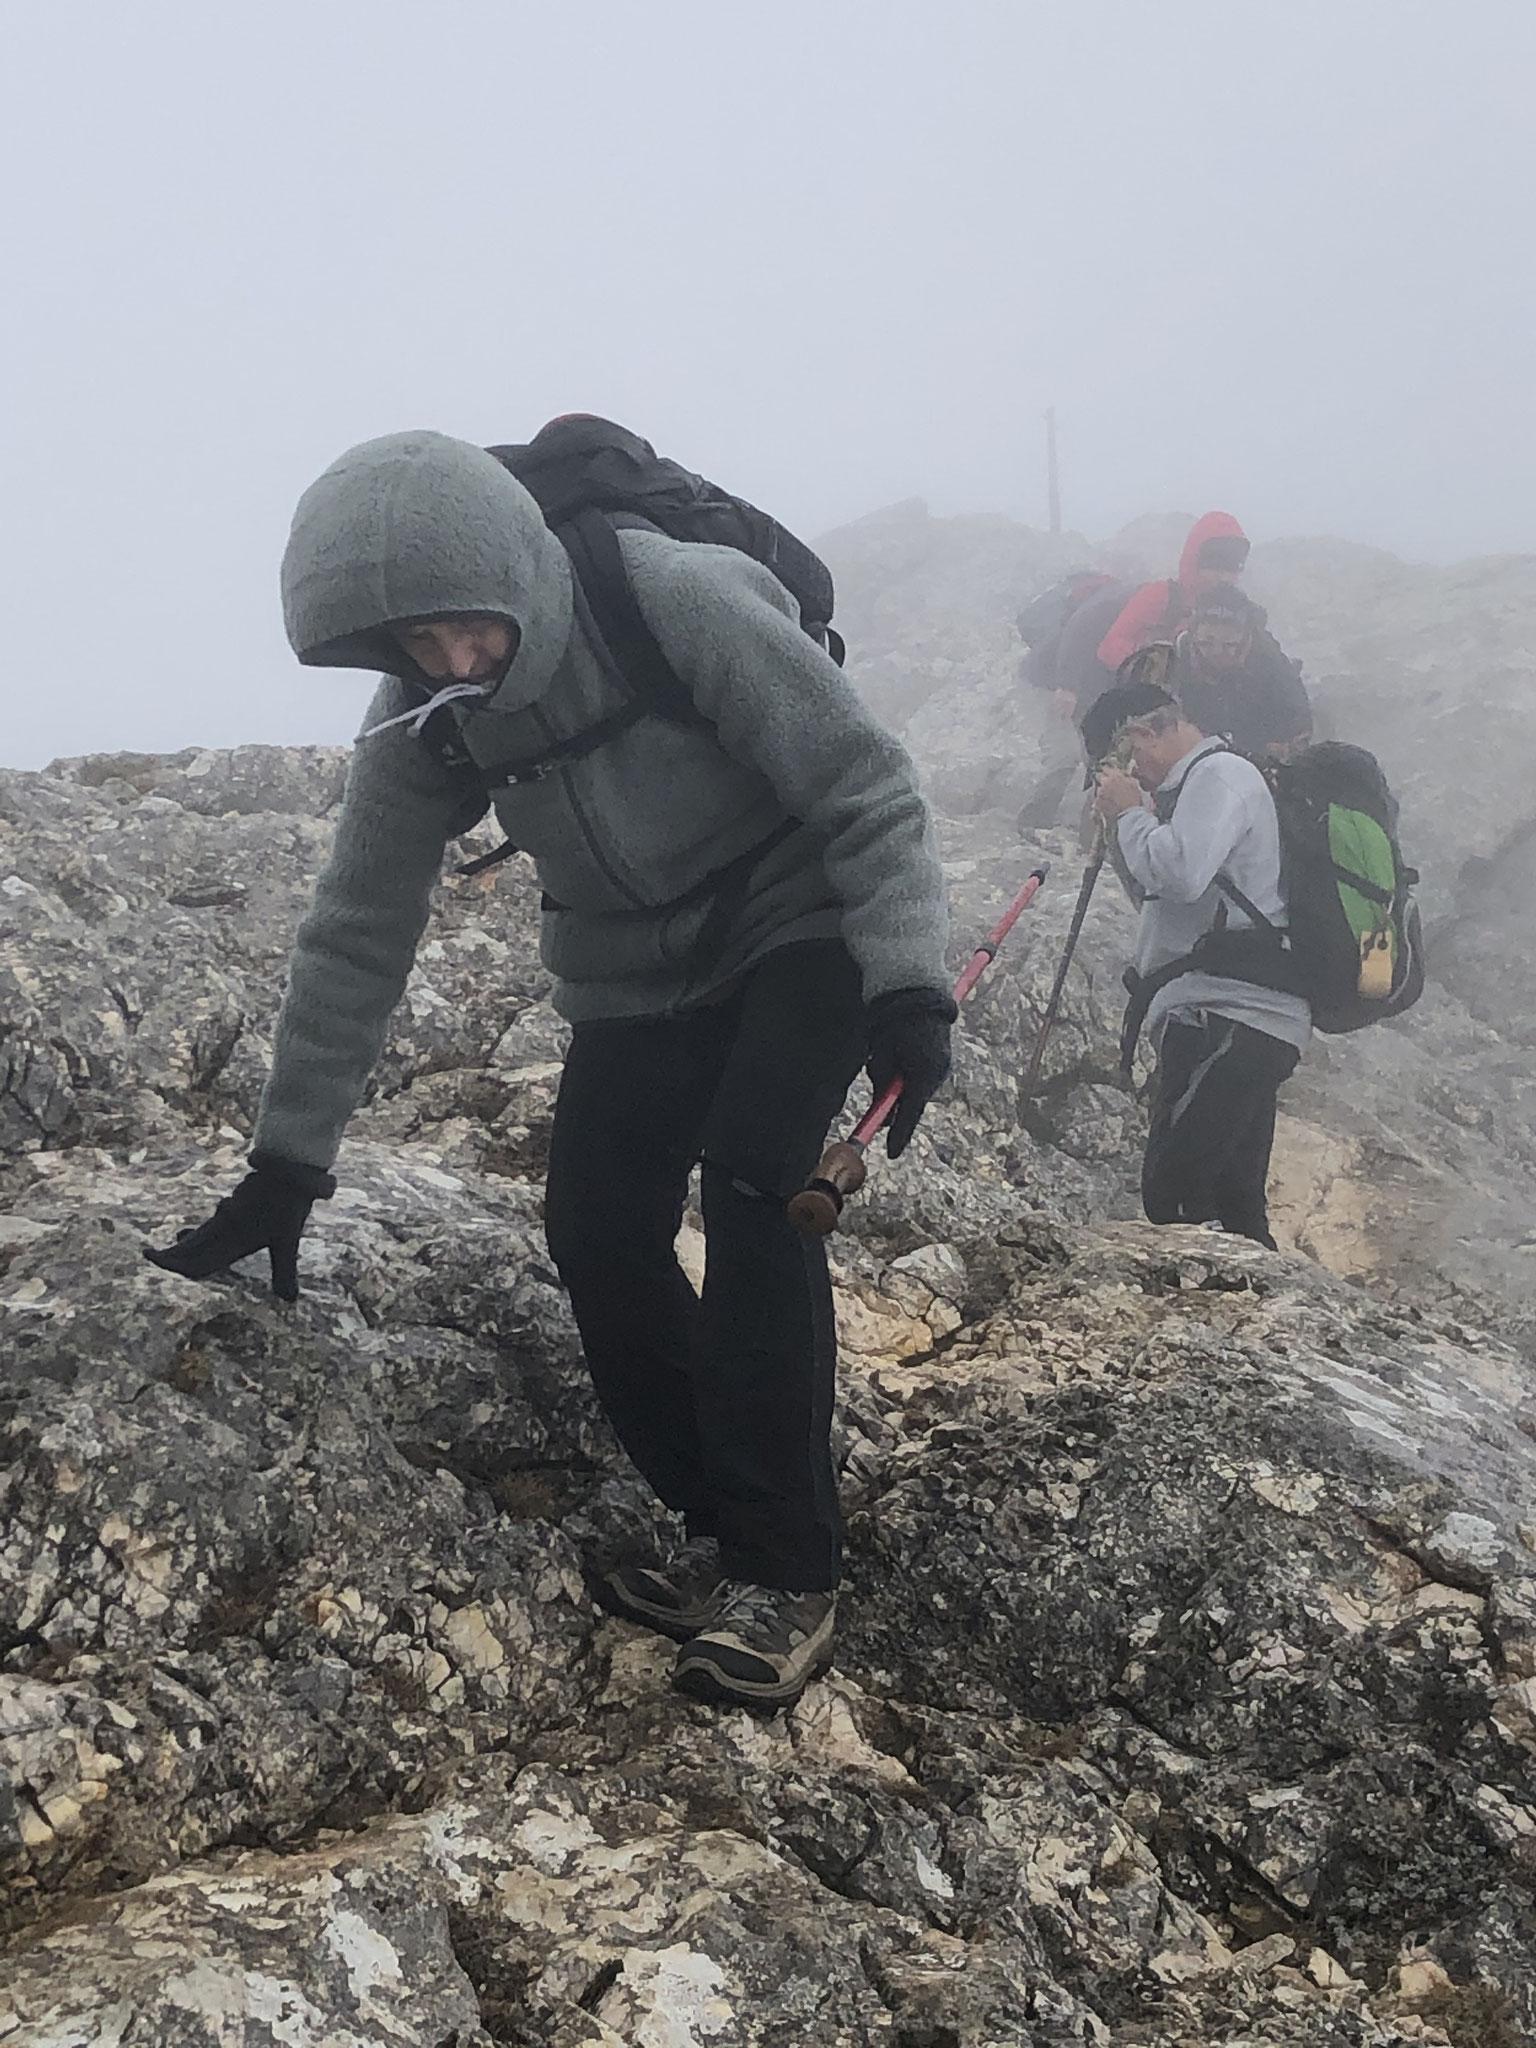 sur les crêtes (vent pluie brouillard)